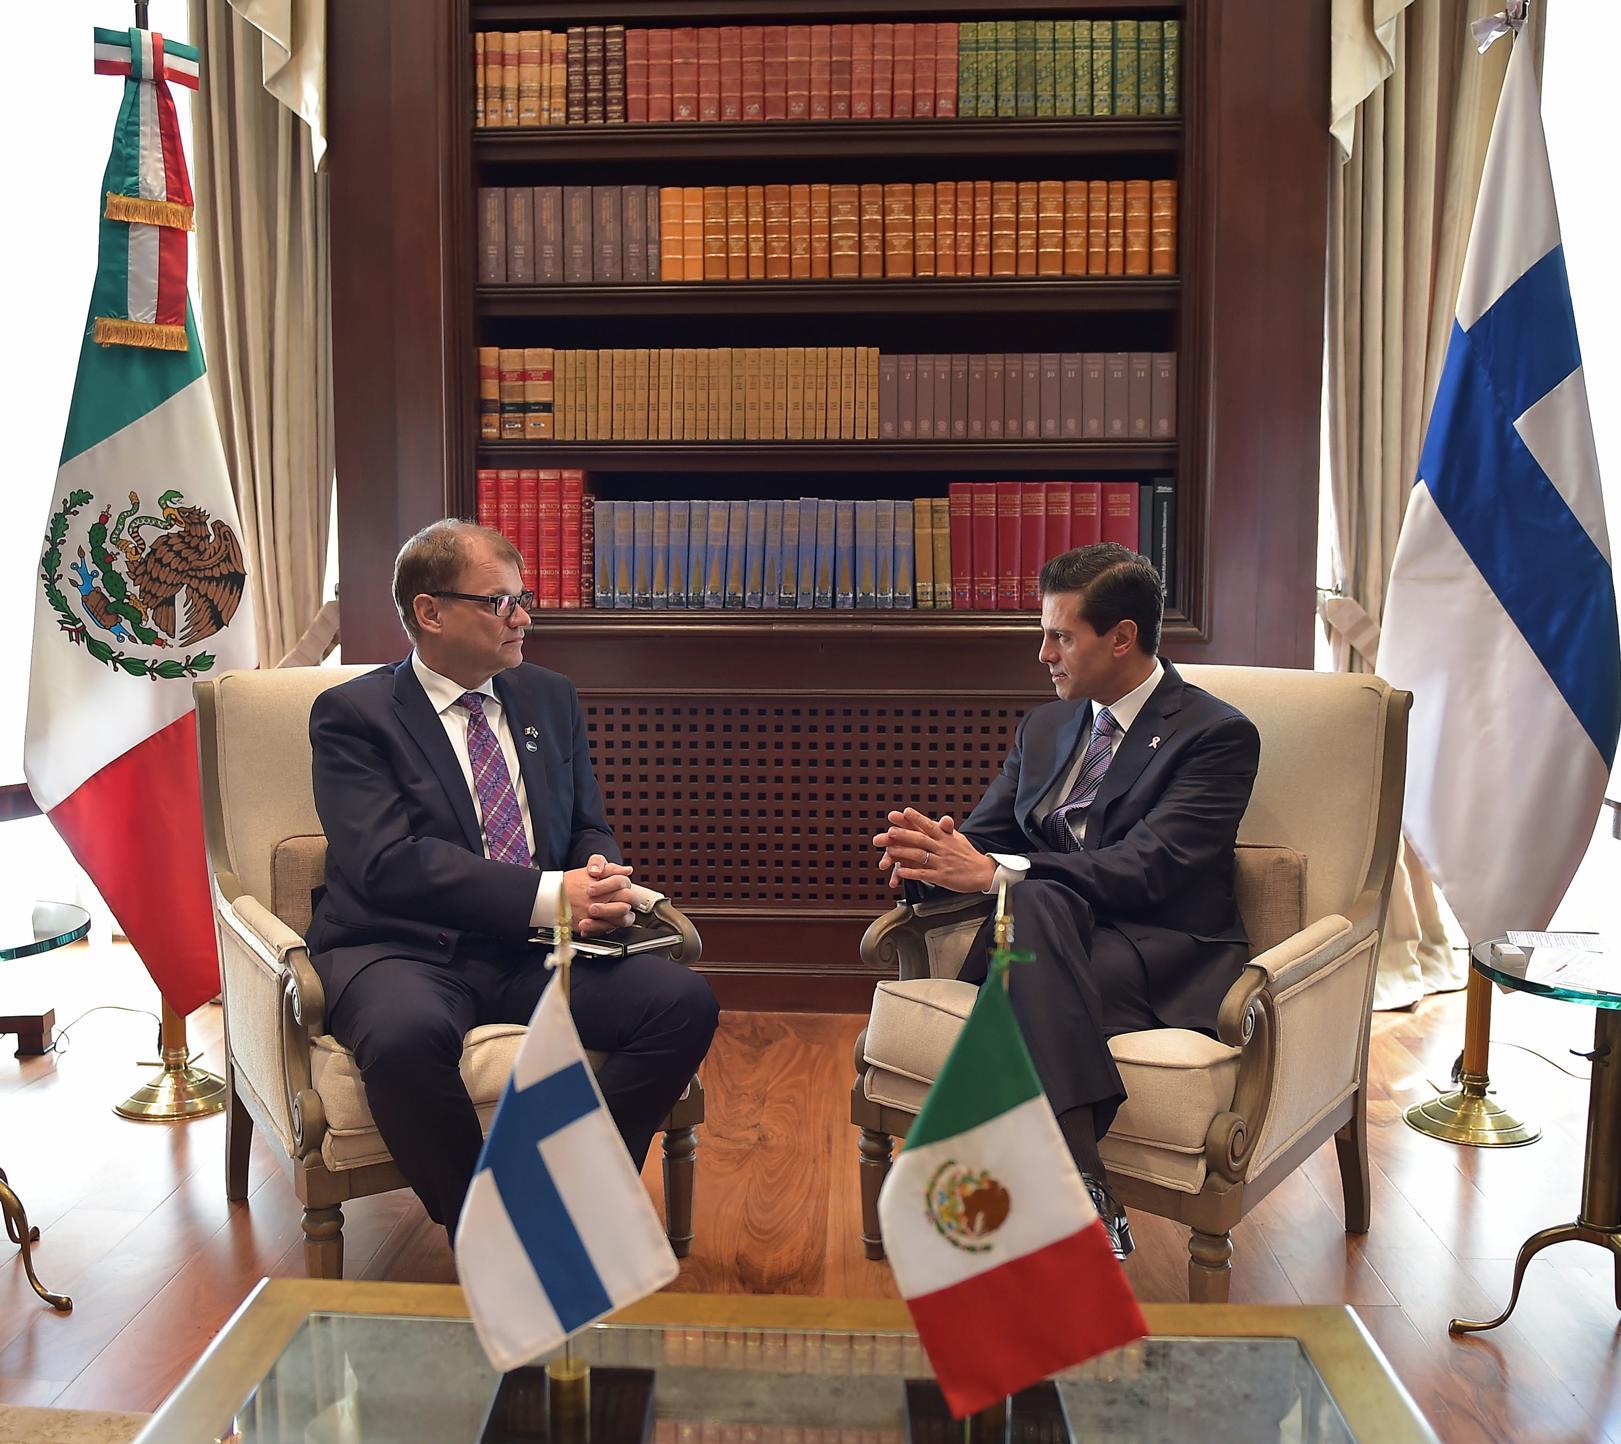 Los Mandatarios destacaron el excelente estado del diálogo político bilateral.